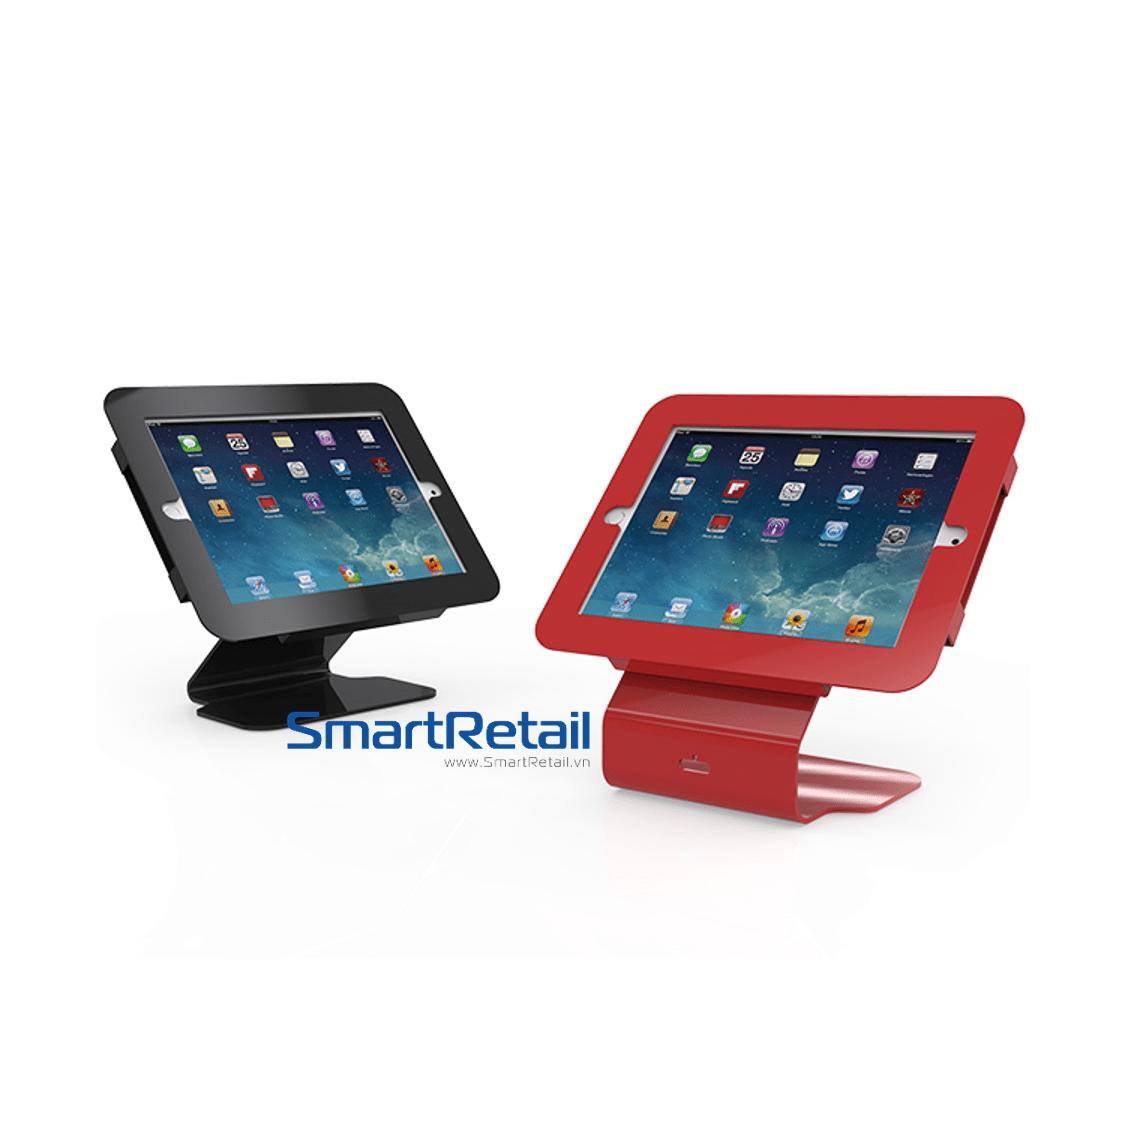 SmartRetail Thiet bi bao ve Tablet SC101 2